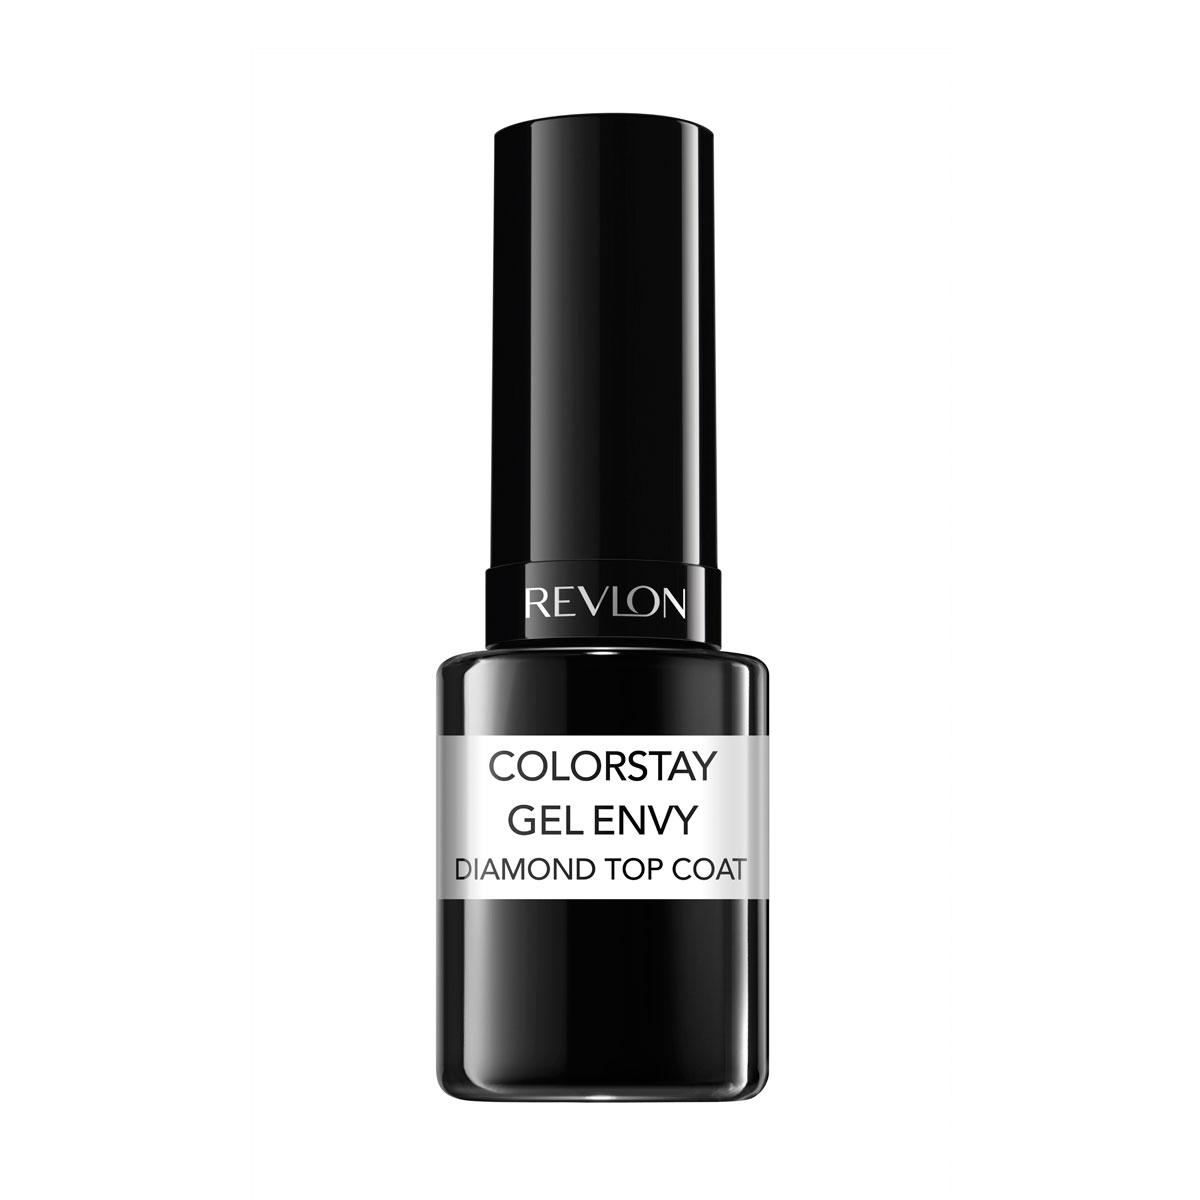 Revlon Верхнее Покрытие для Ногтей Закрепляющее Colorstay Gel Envy Top coat 010, 11,7 мл7220861000Верхнее покрытие Colorstay Gel Envy Top Coat идеально дополняет лаки ColorStay Gel Envy™ Longwear Nail Enamel, обеспечивая устойчивость и бриллиантовый блеск.Аккуратно нанести в один слой после нанесения гель-лака ColorStay Gel Envy